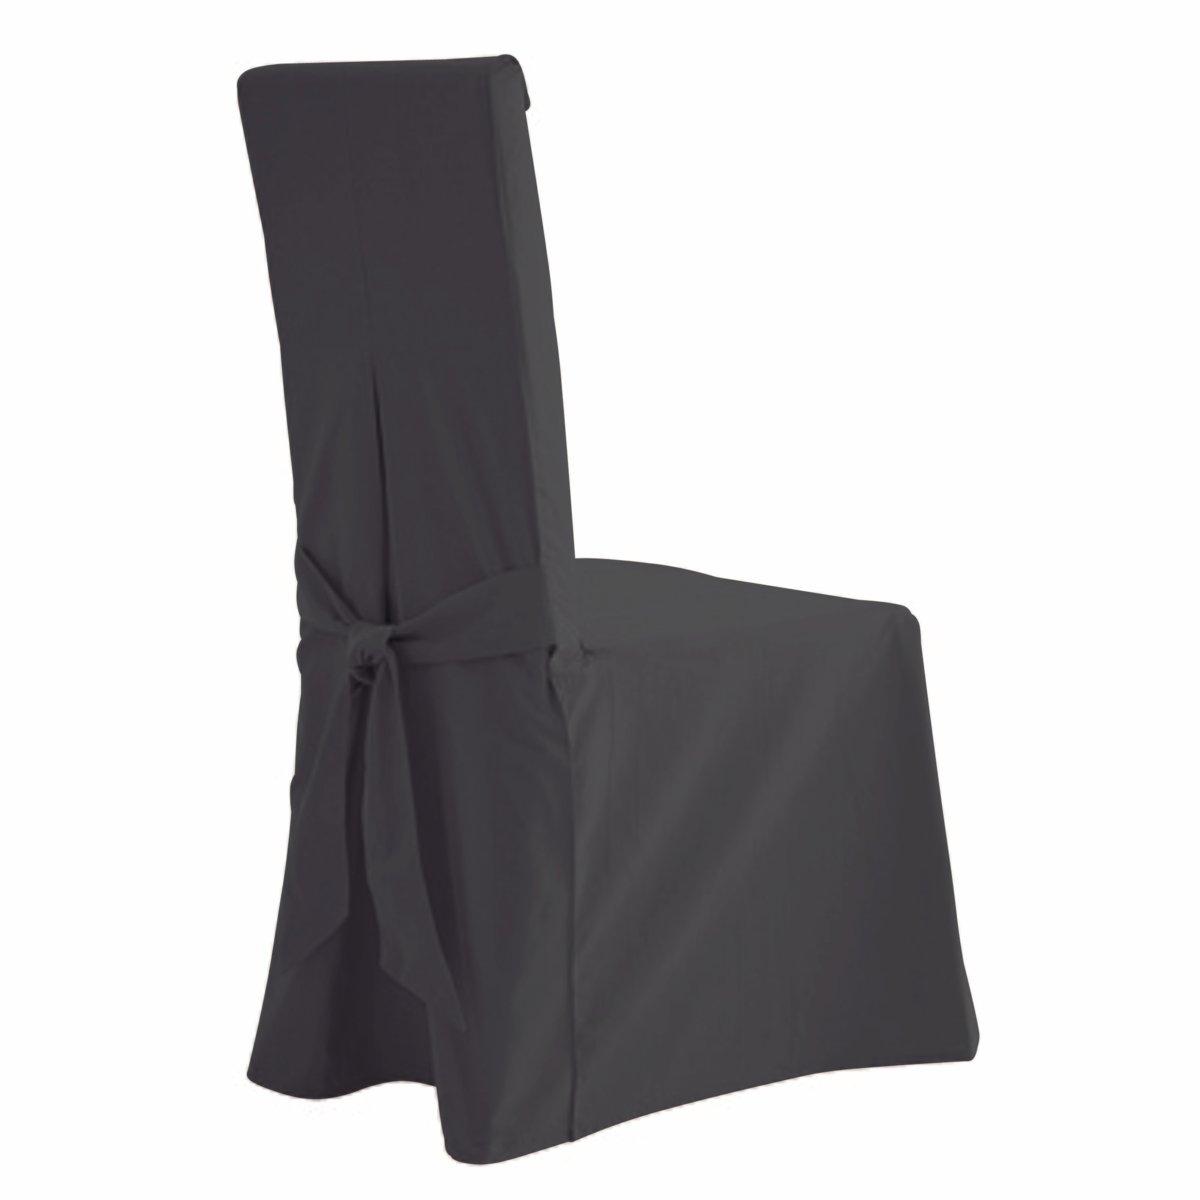 2 чехла для стулаХарактеристика чехла для стула:- Красивая плотная ткань из 100% хлопка (220 г/м?), прочная и тяжелая. Стильная цветовая гамма.- Изысканная отделка: 2 встречные складки спереди, встречная складка и бант сзади. Качественная окраска: превосходная стойкость цвета перед воздействием солнечных лучей и стирки (40°).Размеры чехла для стула:- Спинка: общая высота 55 см, толщина 5 см, ширина 37 см.- Сидение: ширина от 37 до 45 см x глубина 40 см.- Юбка: высота 45 см.В комплекте 2 чехла одного цвета.Качество VALEUR SURE. Производство осуществляется с учетом стандартов по защите окружающей среды и здоровья человека, что подтверждено сертификатом Oeko-tex®.<br><br>Цвет: антрацит,облачно-серый,серо-коричневый каштан,сине-зеленый